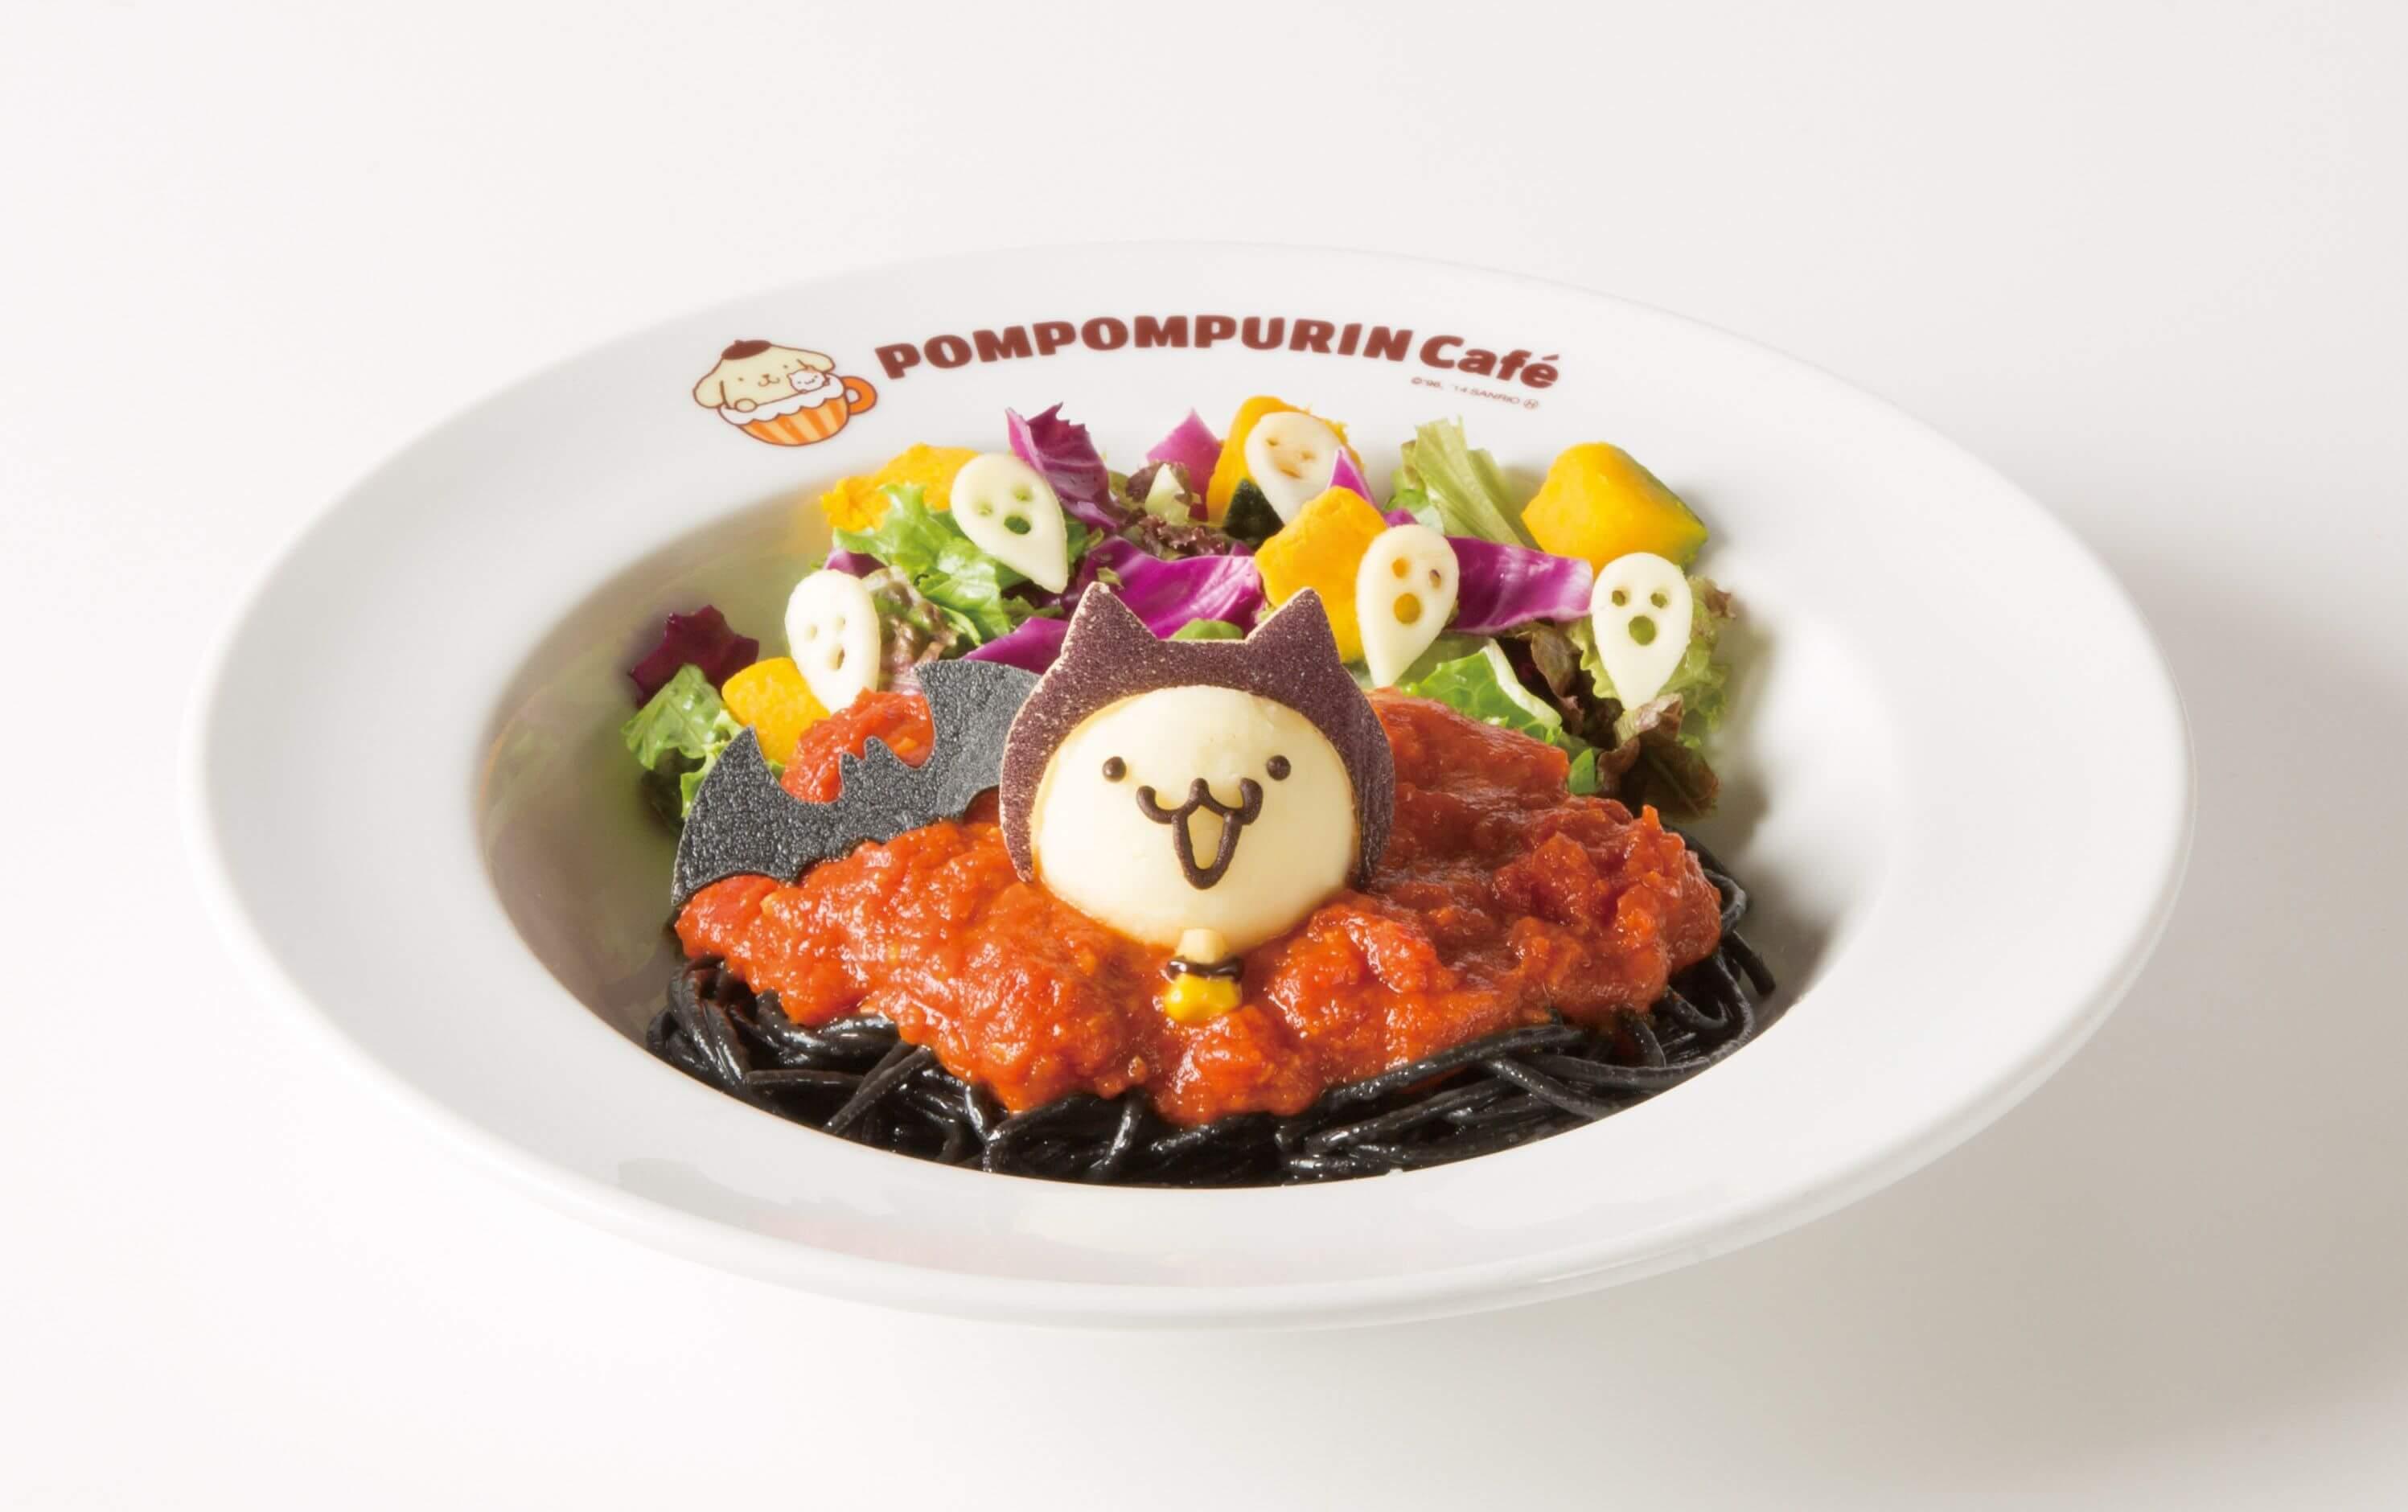 ポムポムプリンカフェ pompompurin cafe 布丁狗 ハロウィン Halloween 萬聖節 2